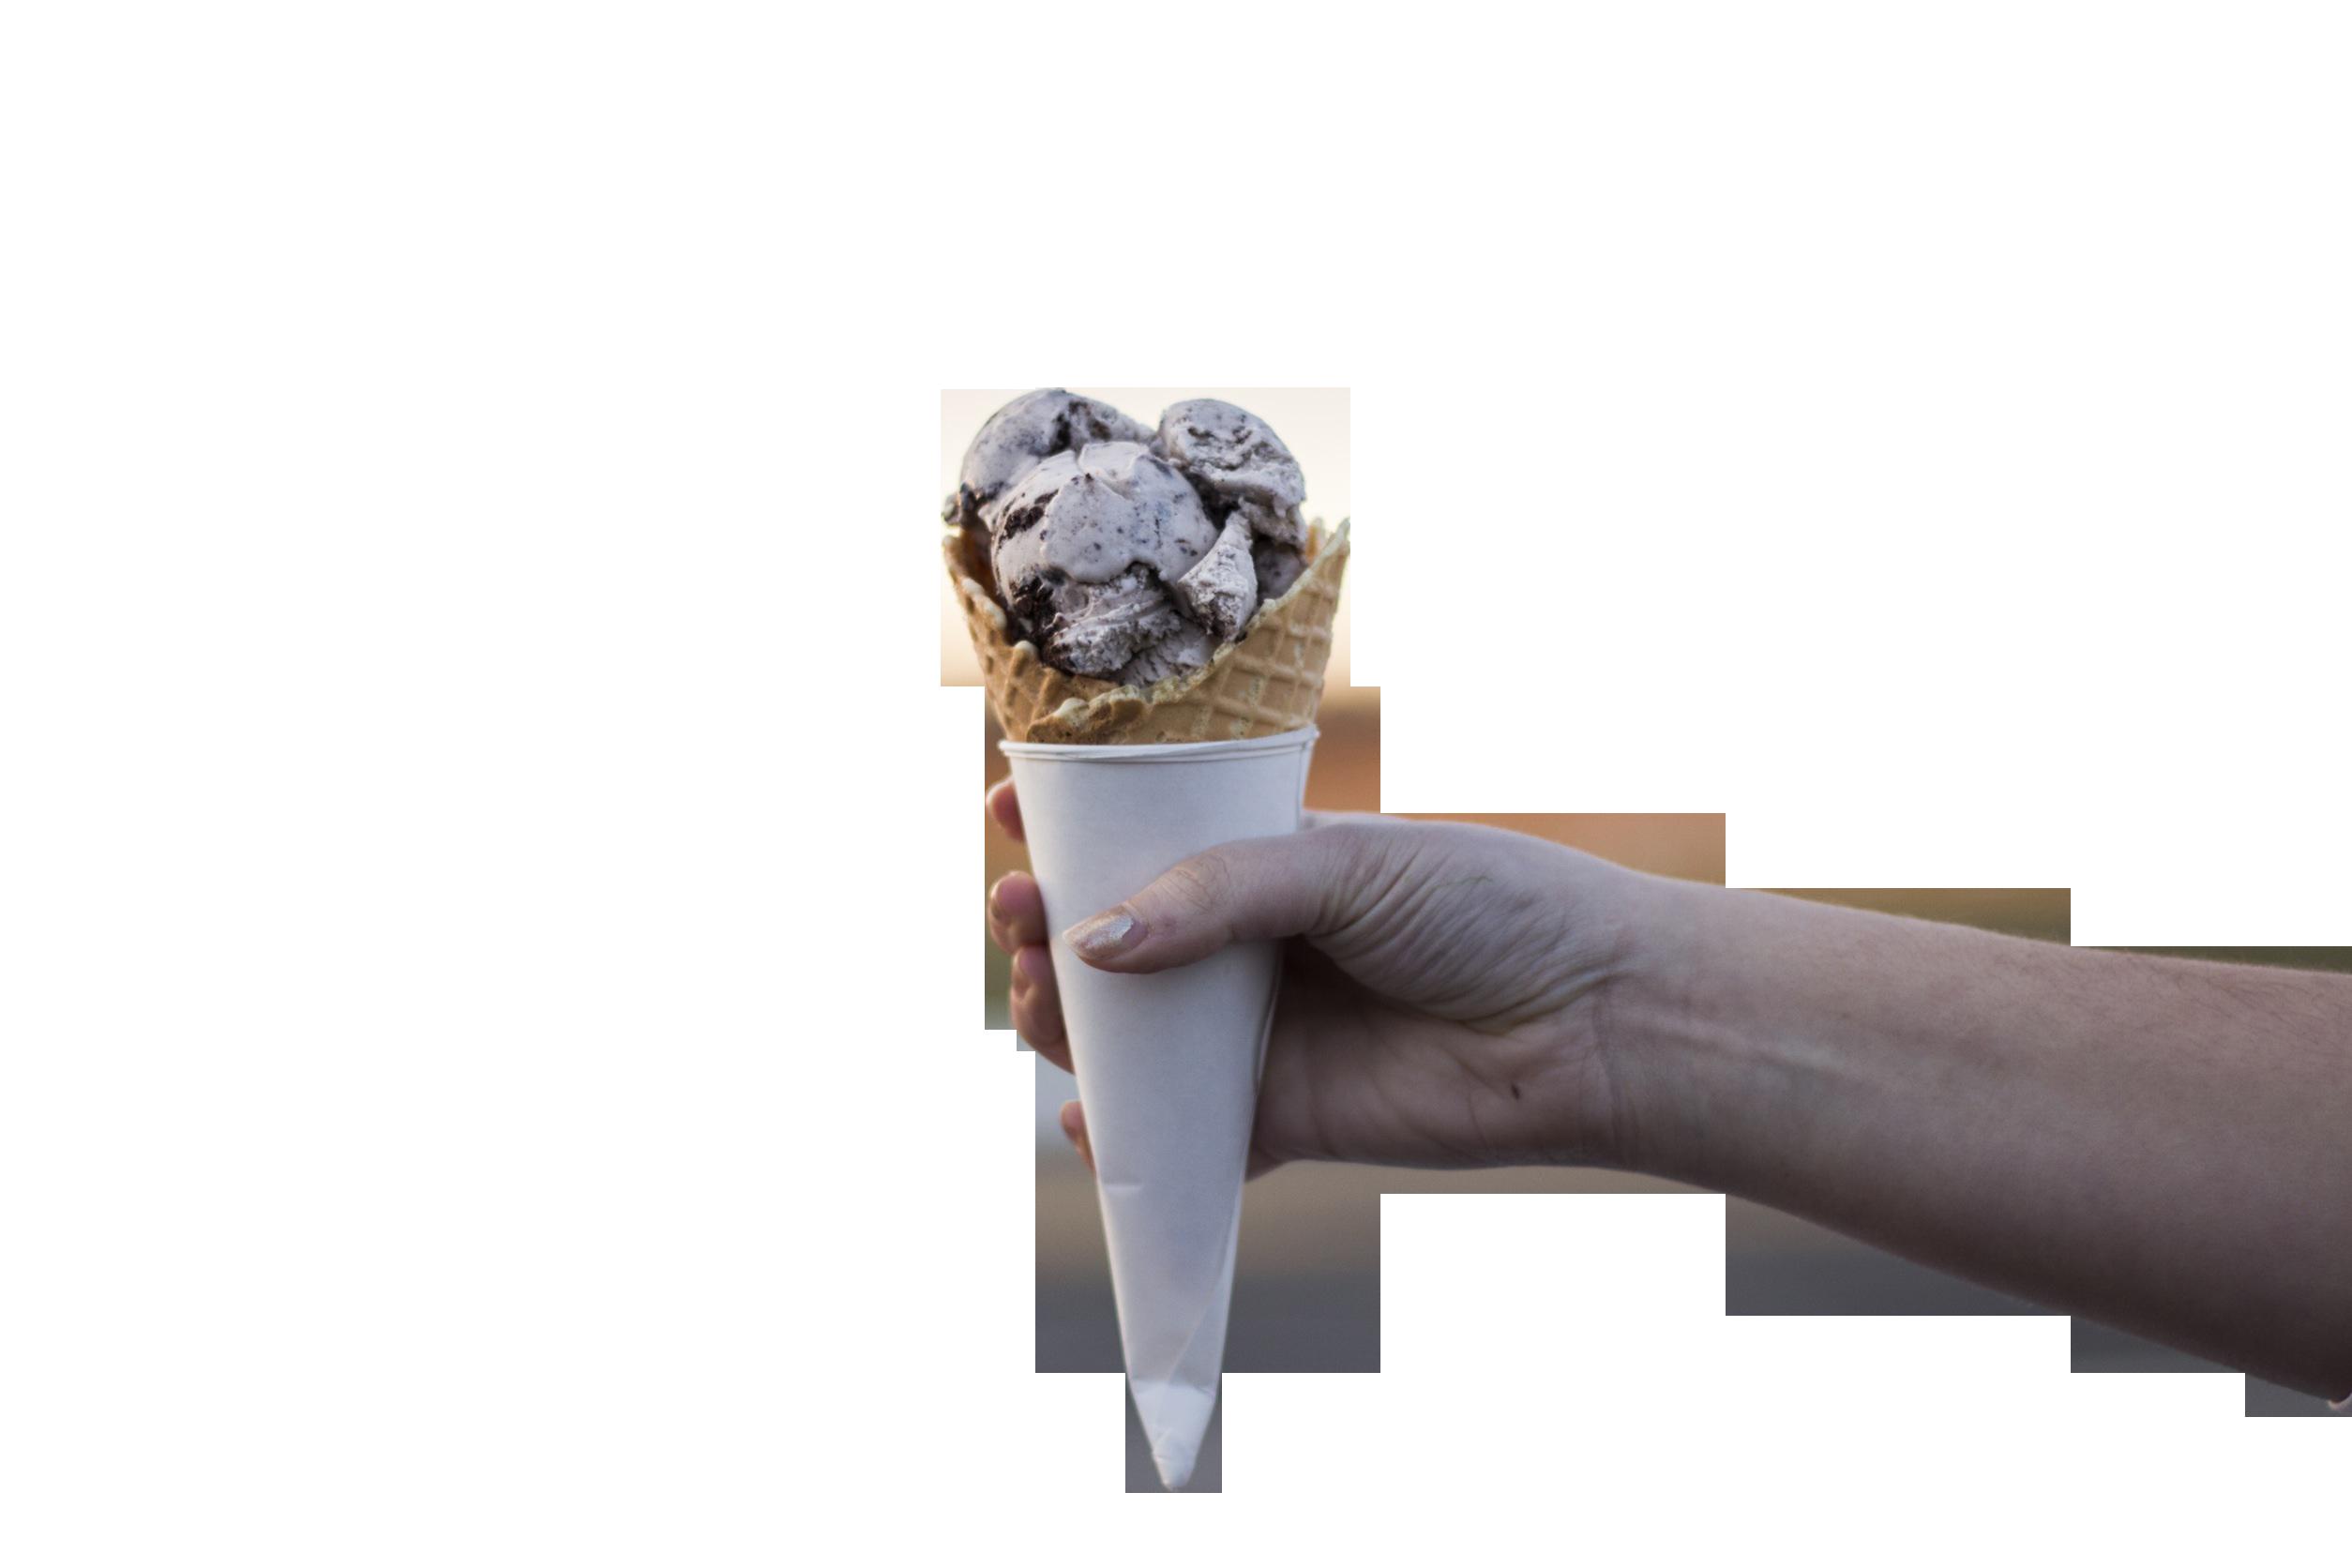 Ice Cream Cone in a hand